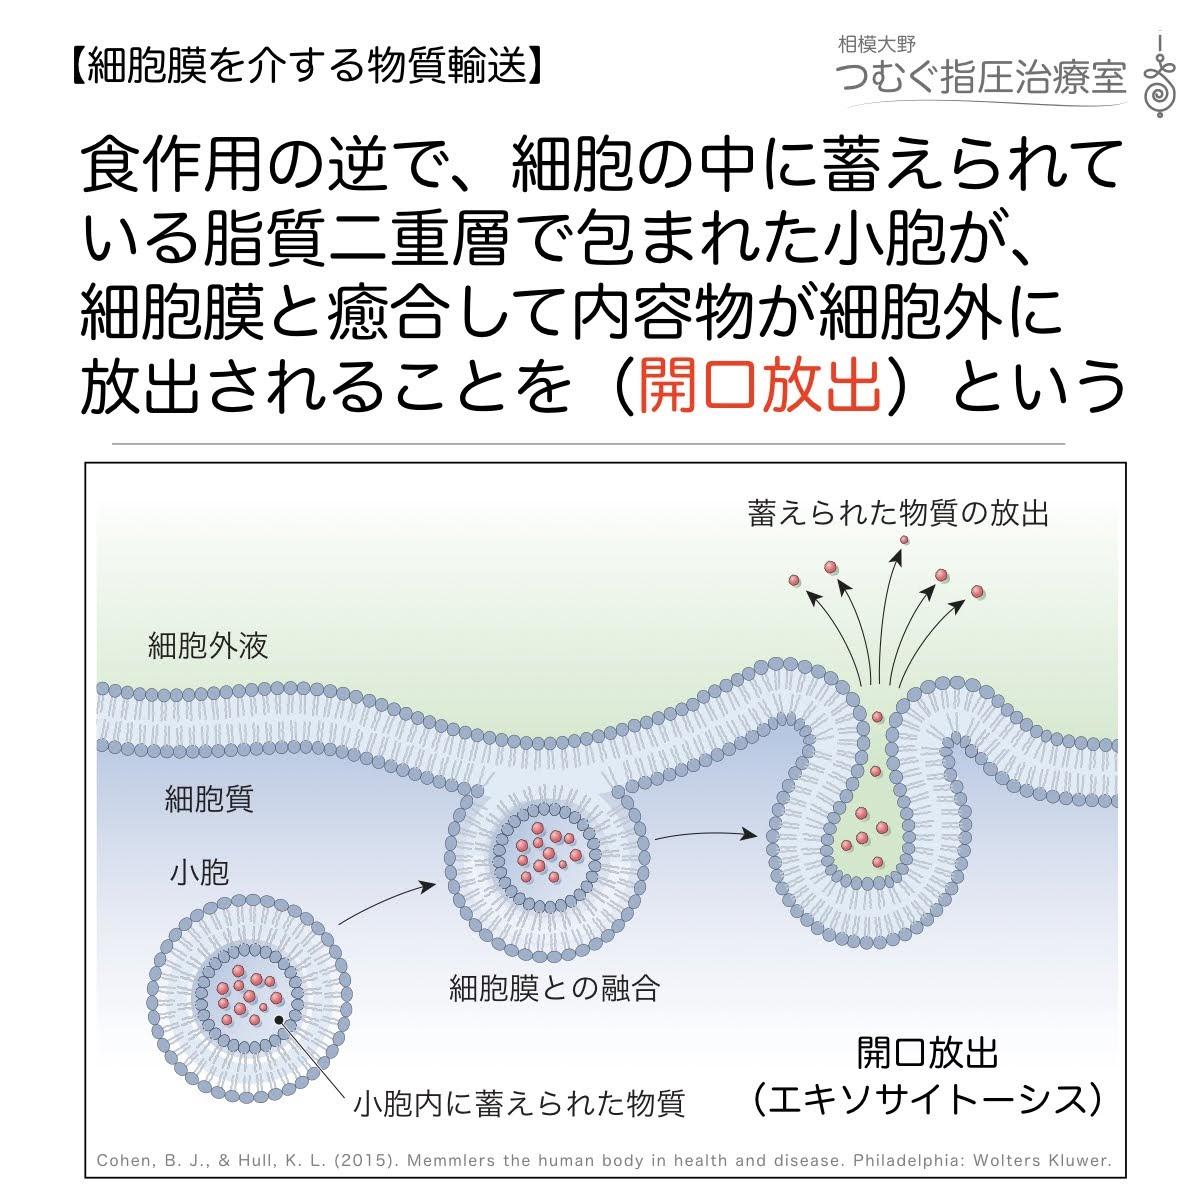 開口放出:細胞内の小胞が細胞膜と癒合し物質が放出